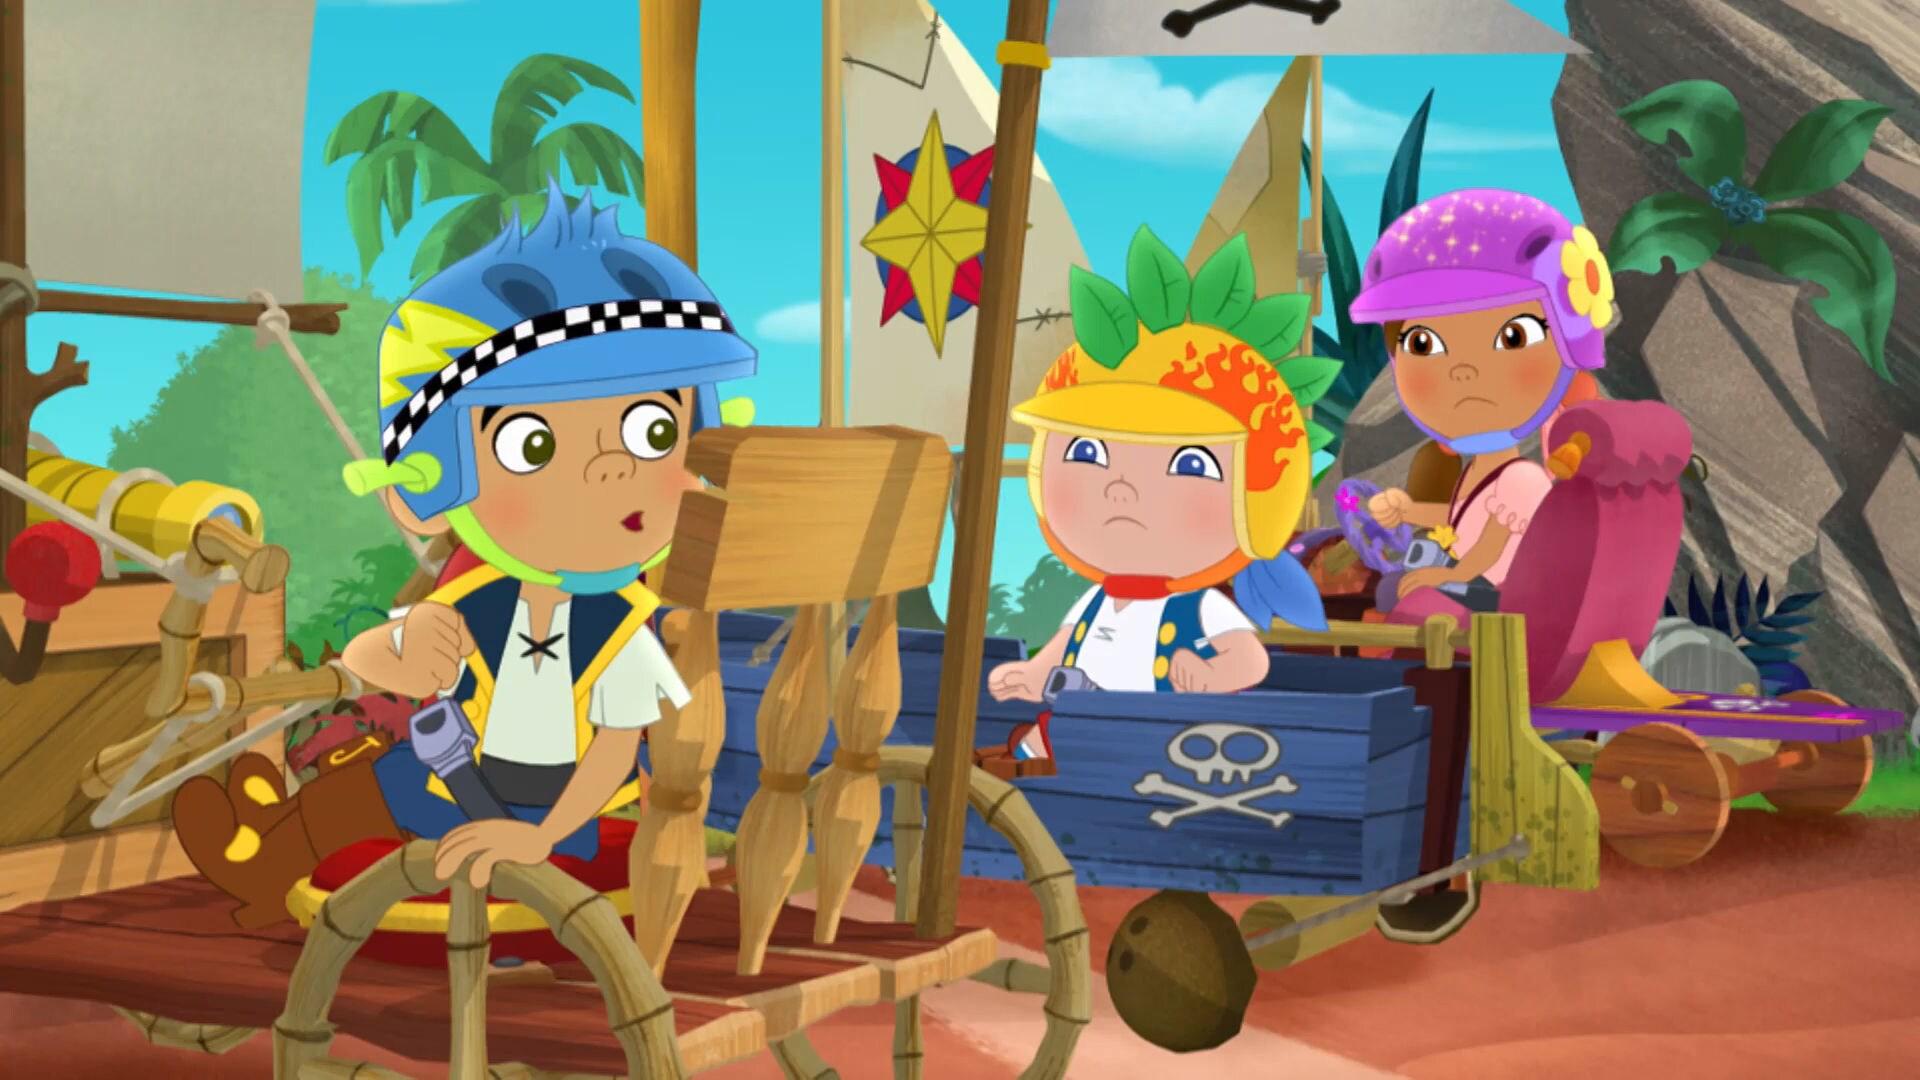 Piratenrace